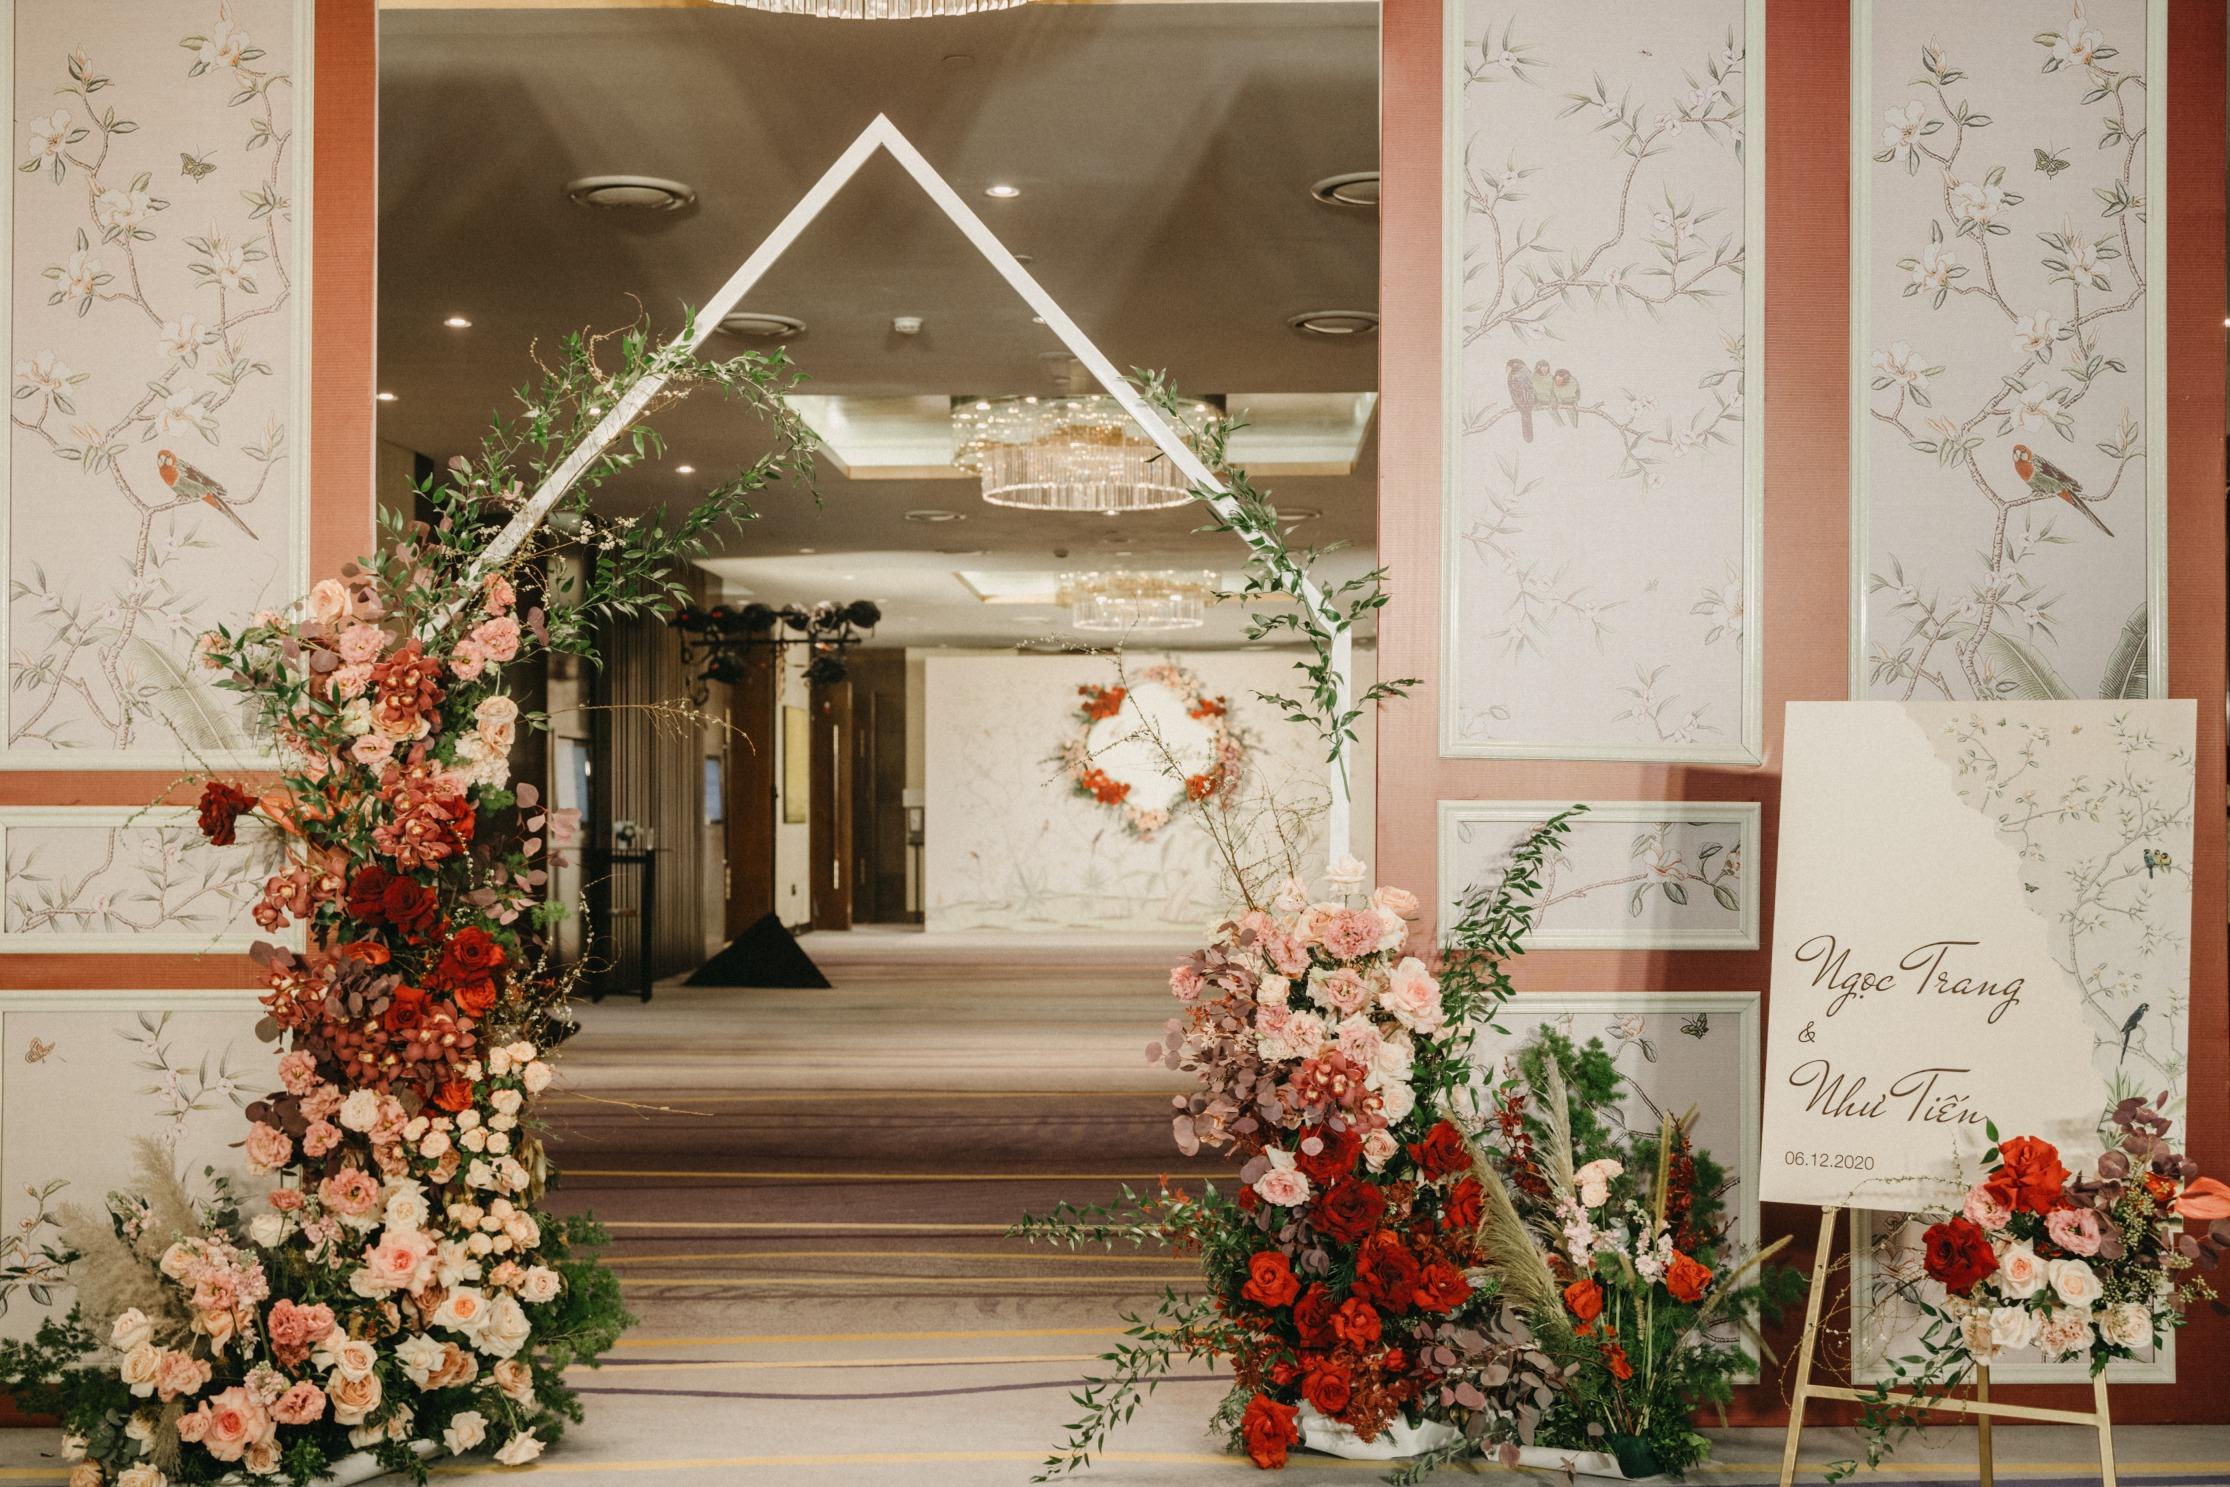 Hanoi indoor red theme wedding arrangement